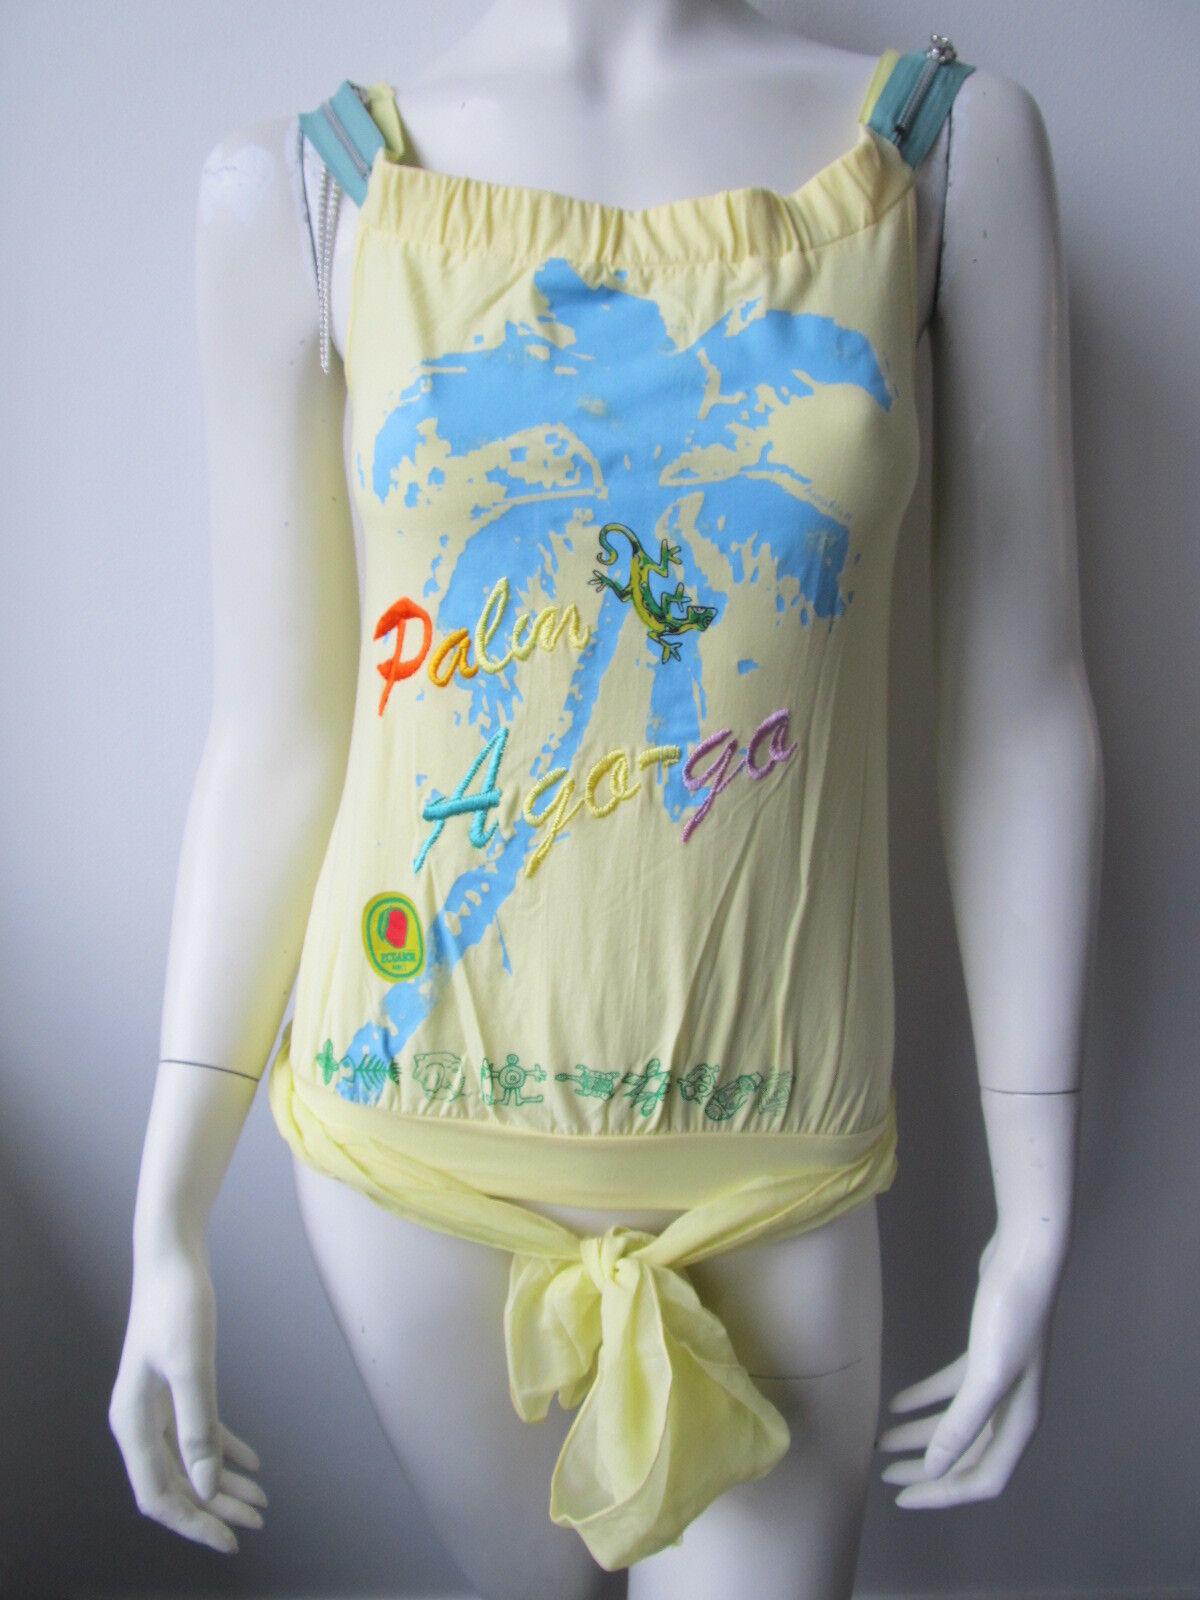 Anna Rita N Damen Blause Maglia Top Shirt Neu 34 36 38